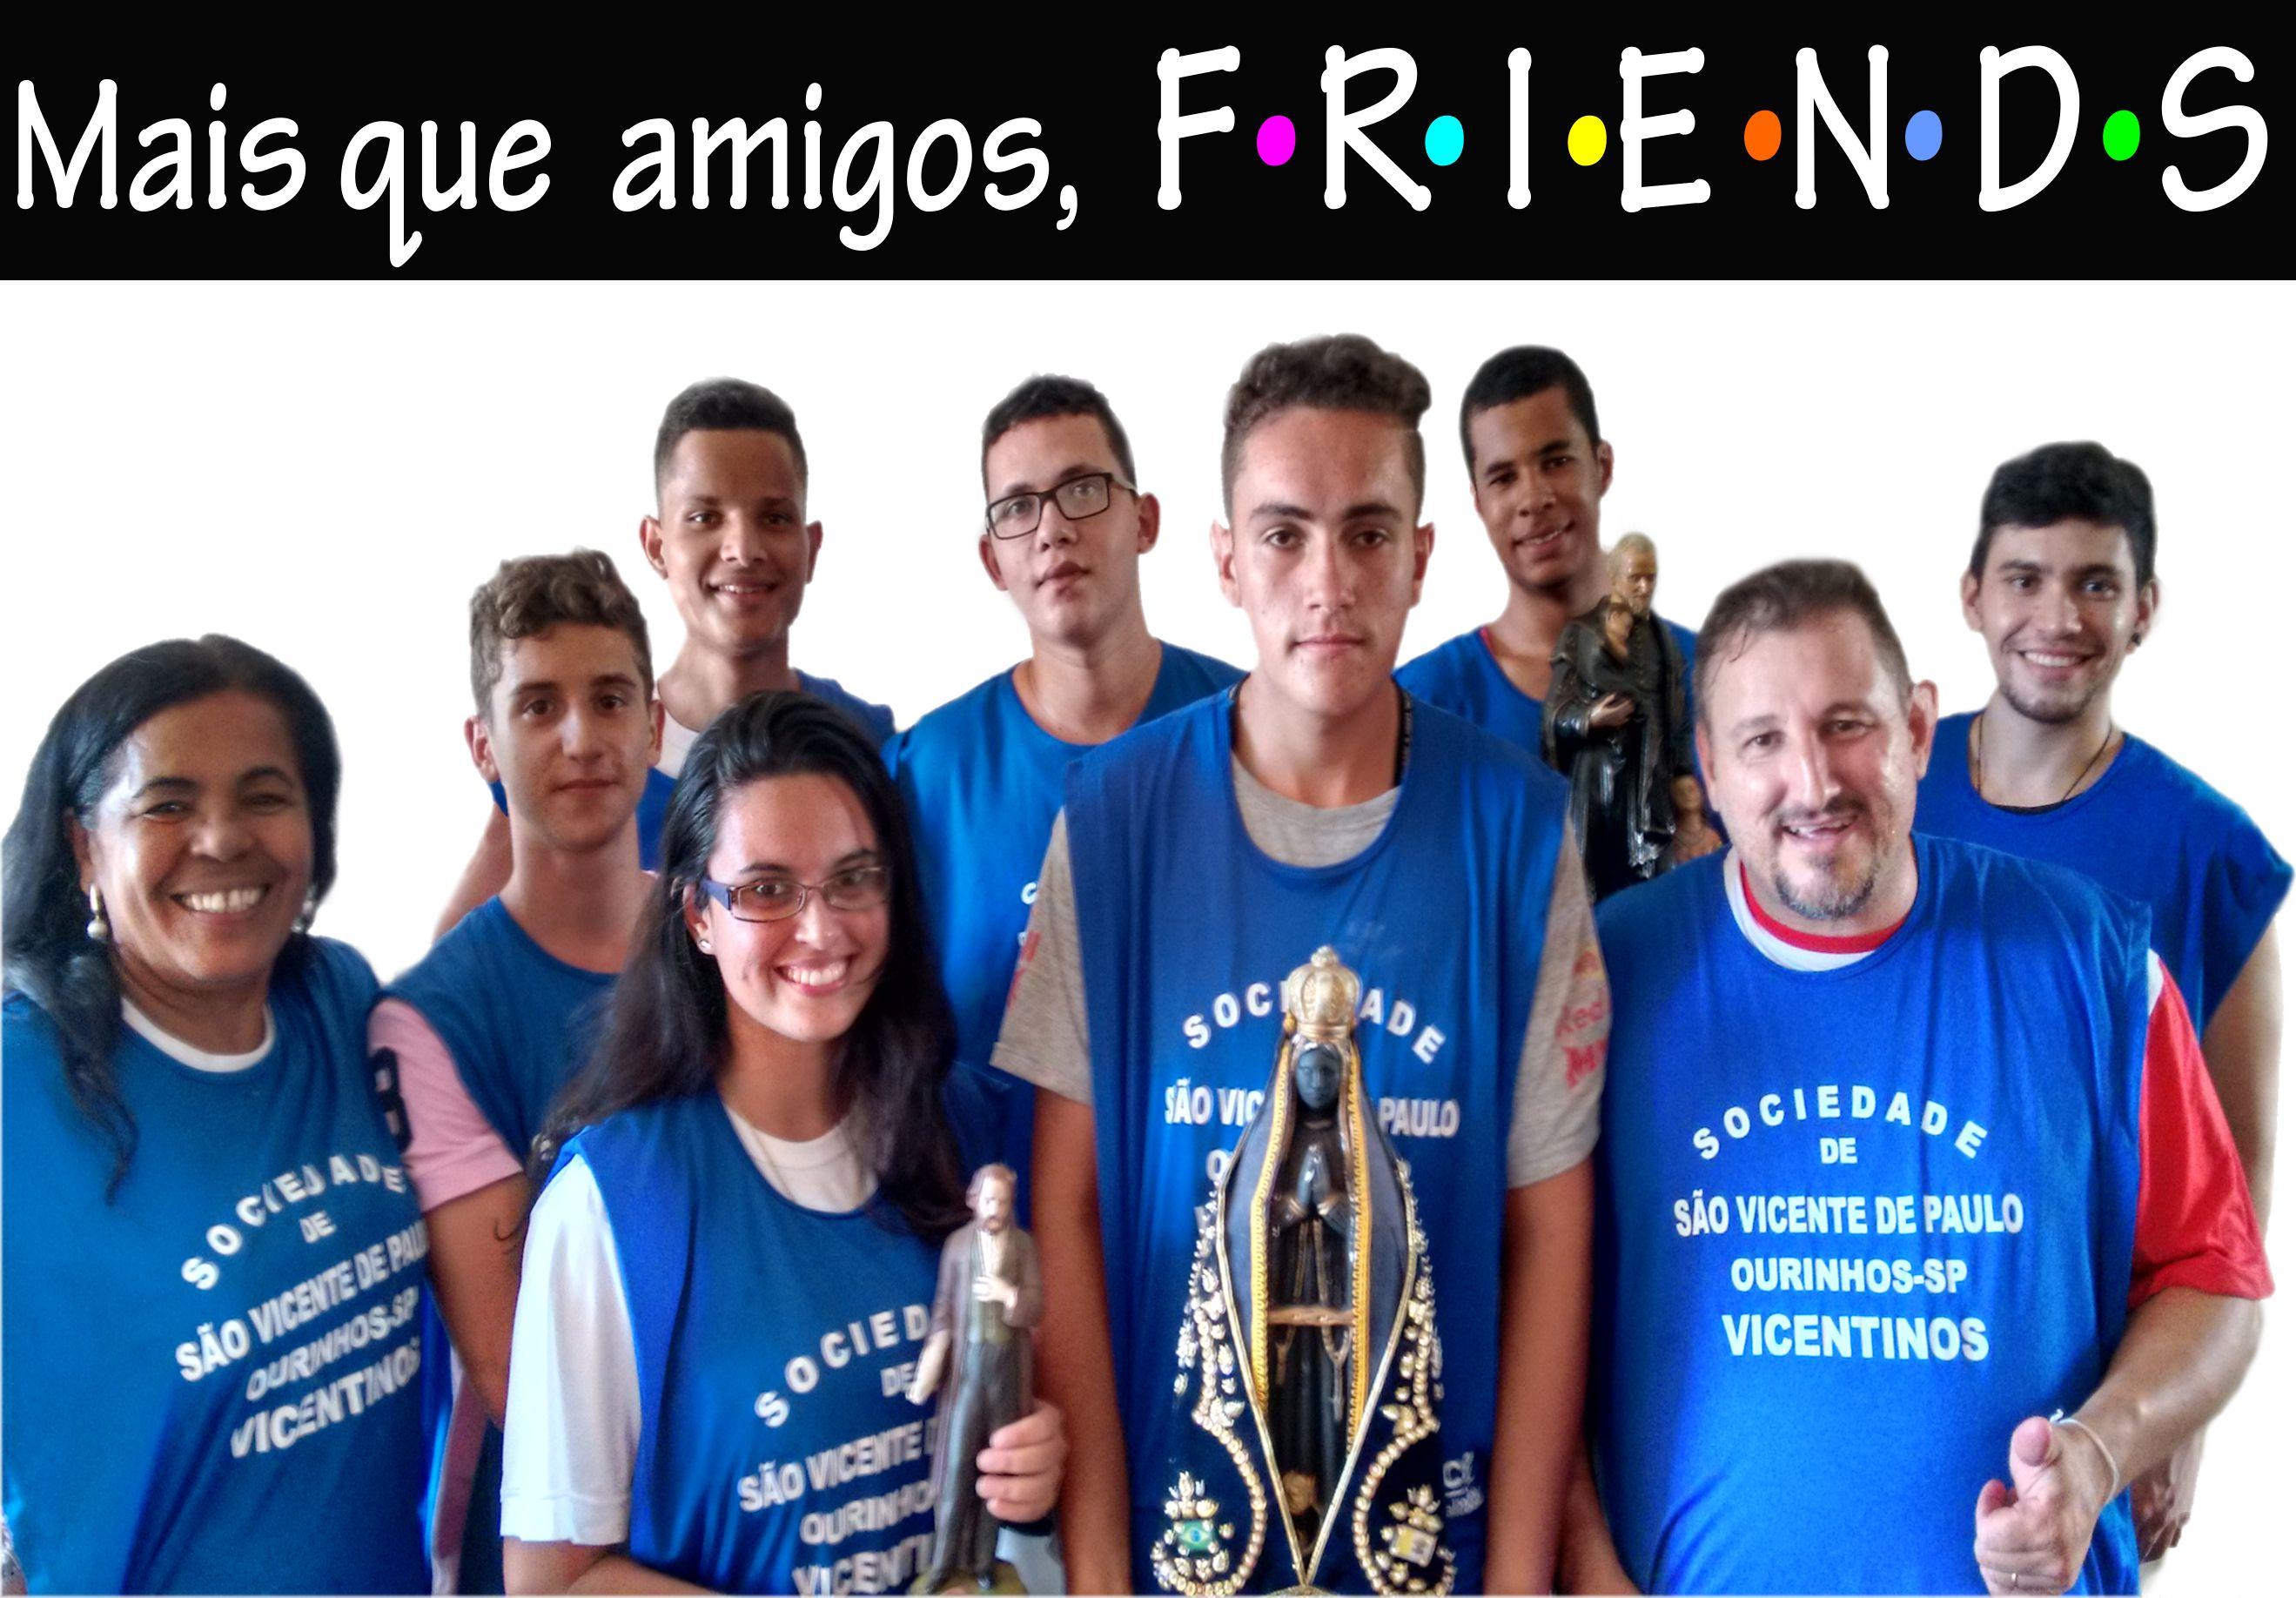 Frases Em Inglês Com Tradução Para Fotos E Redes Sociais: Campanha 'Mais Que Amigos, Friends' é Um Sucesso